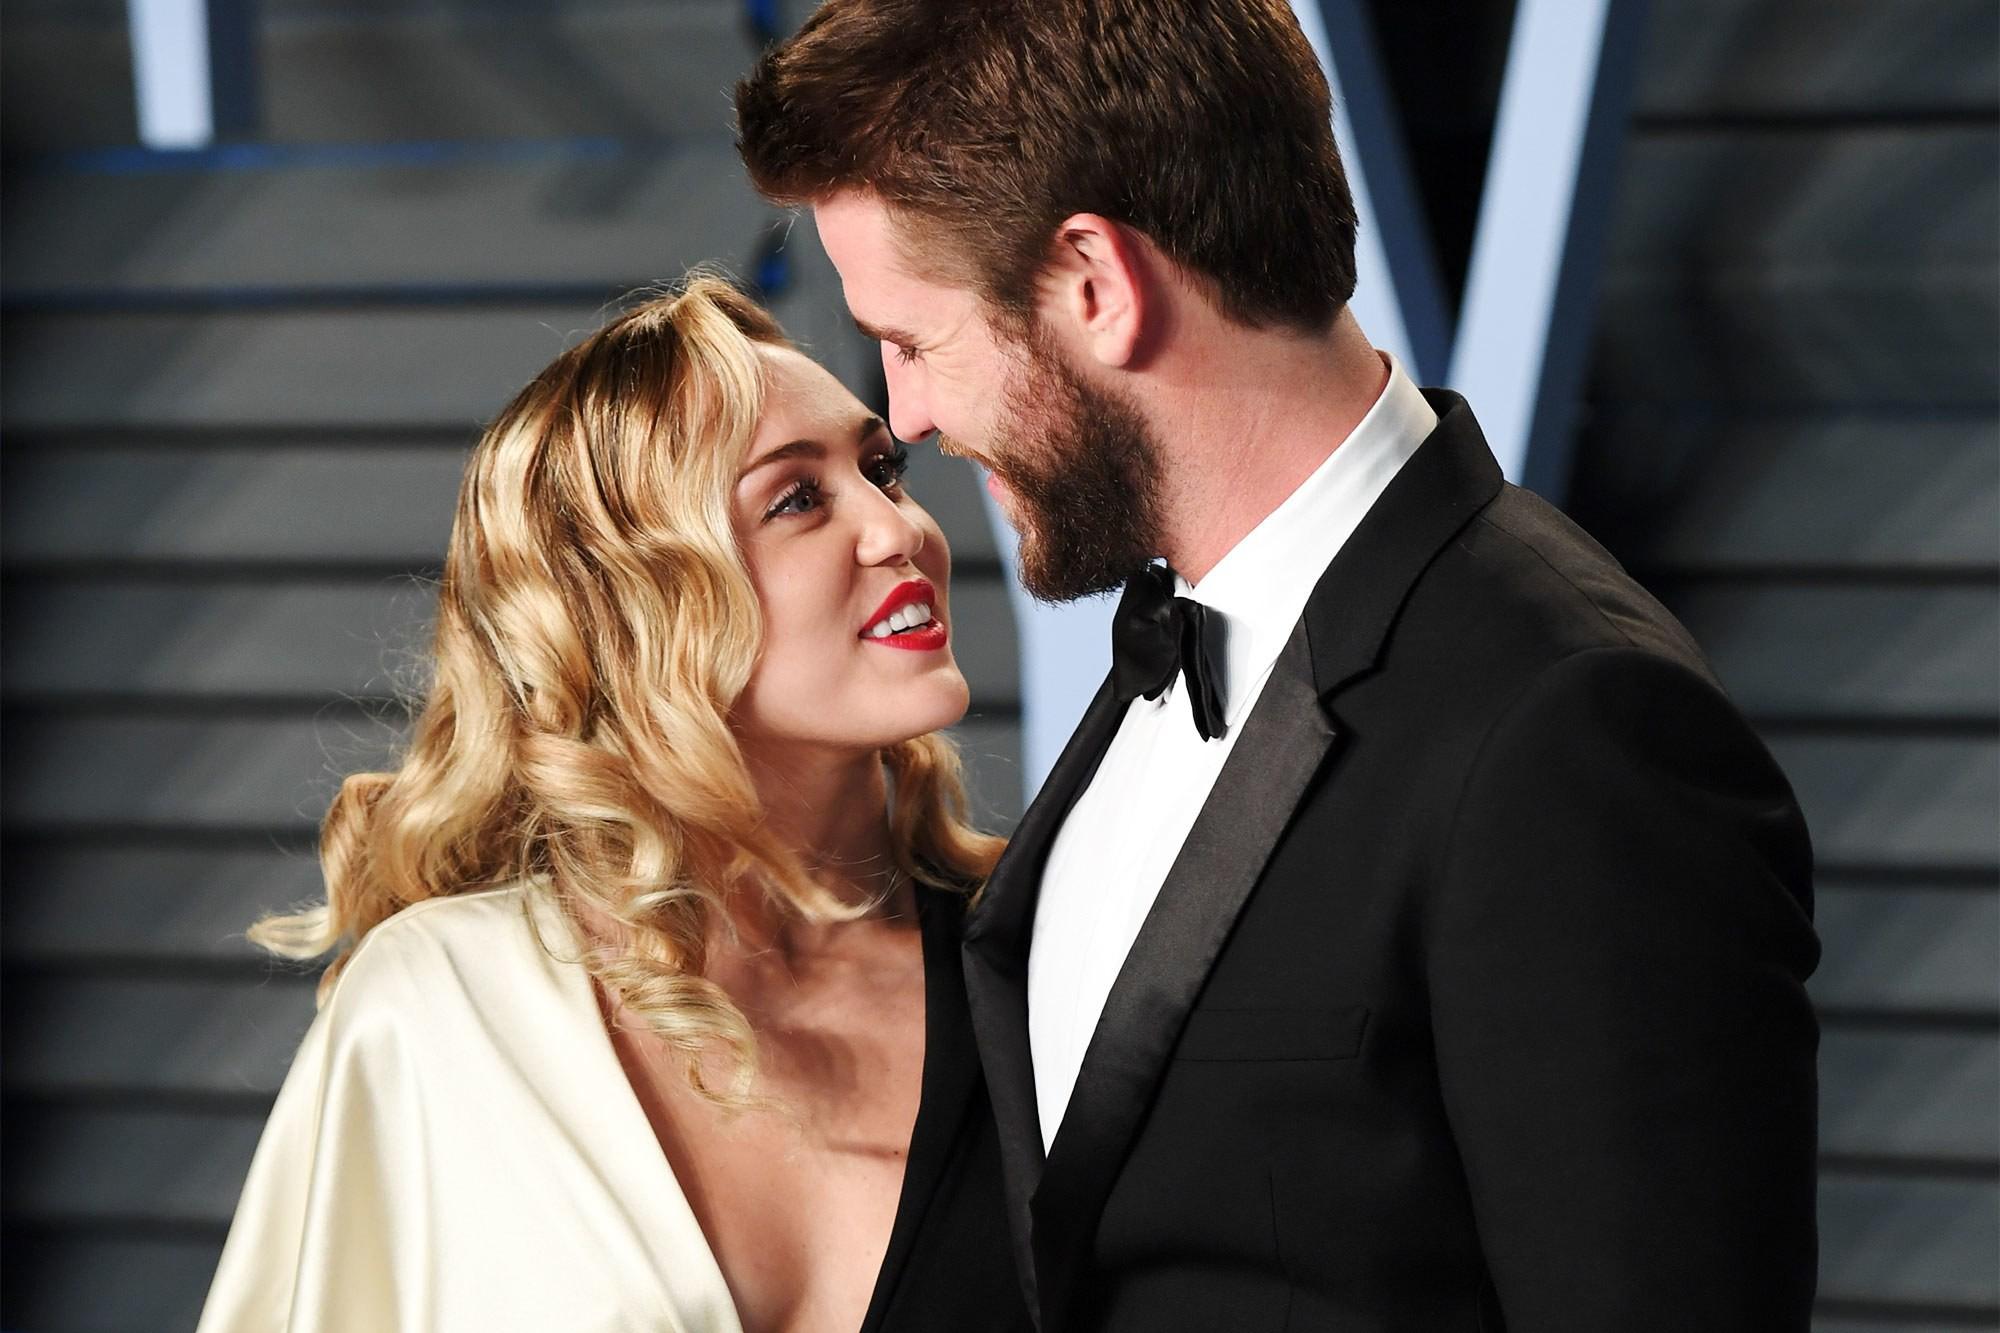 Miley Cyrus: Nàng công chúa Disney chinh phục cả thế giới và chàng hoàng tử đời mình bằng cái điên bản năng - Ảnh 11.